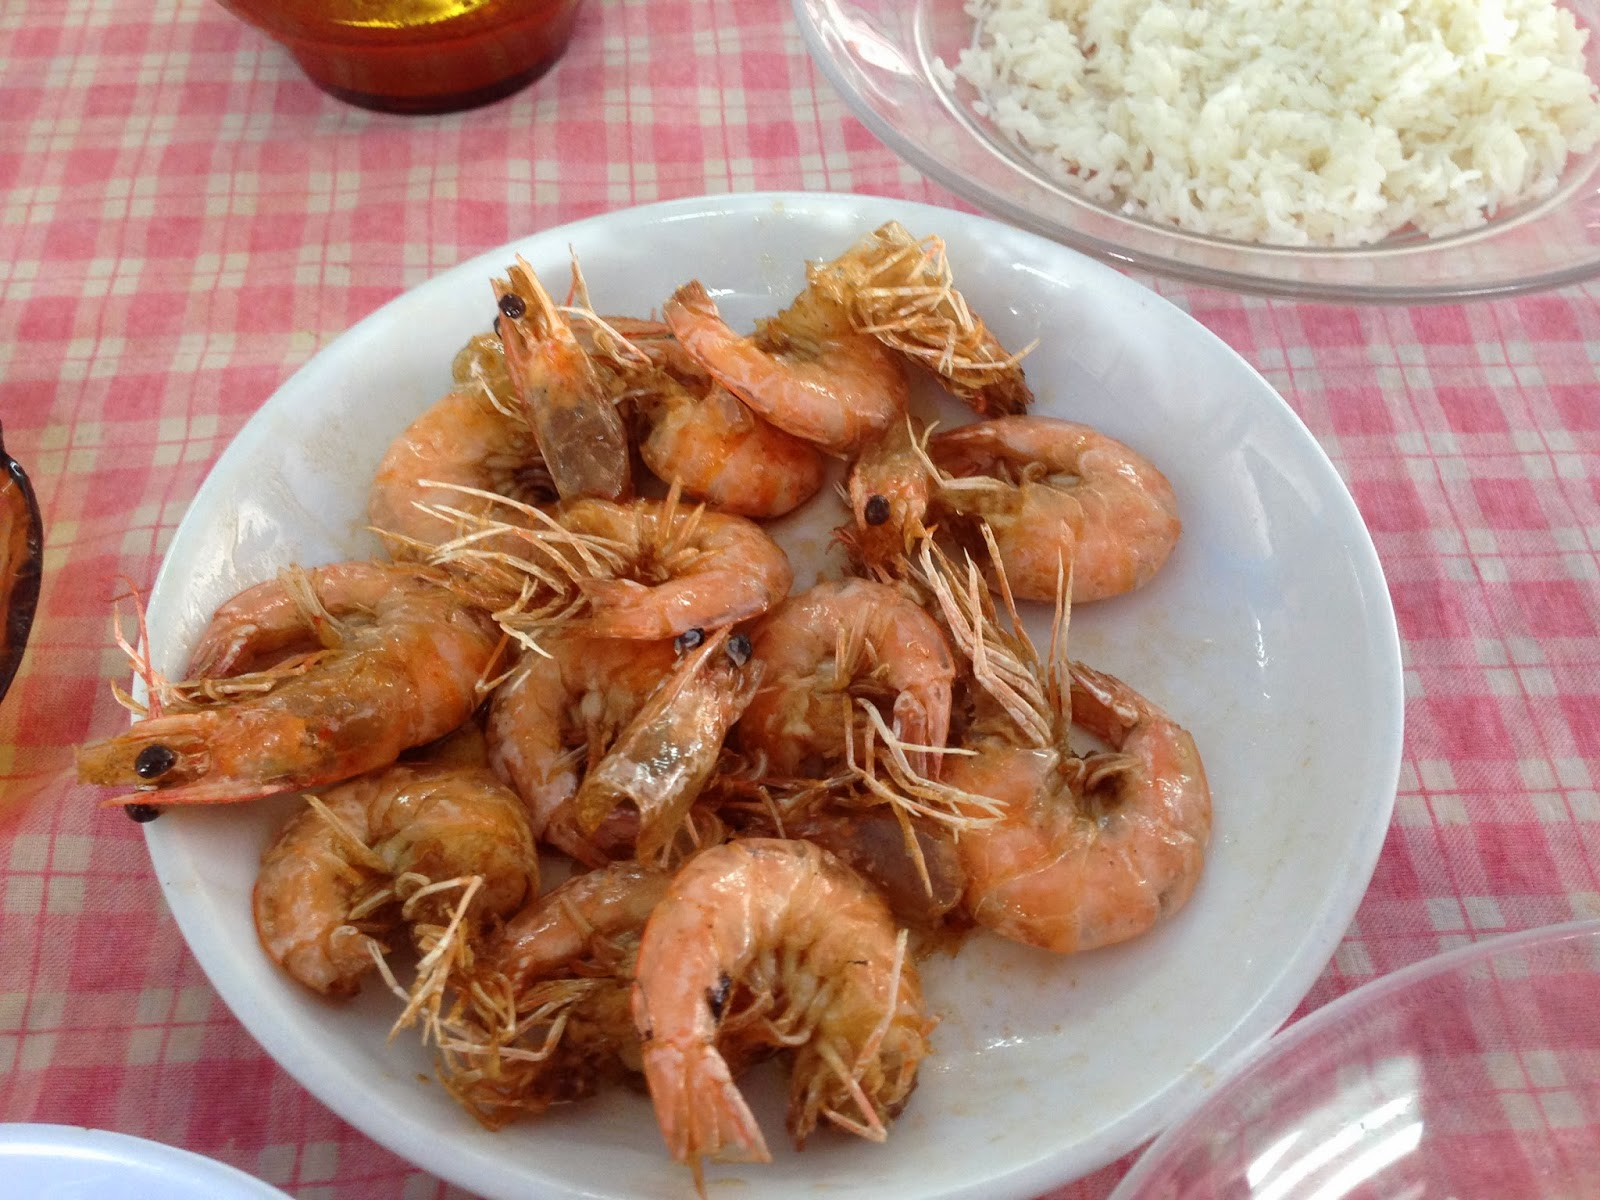 Kedai Makan Rahmat fried prawn